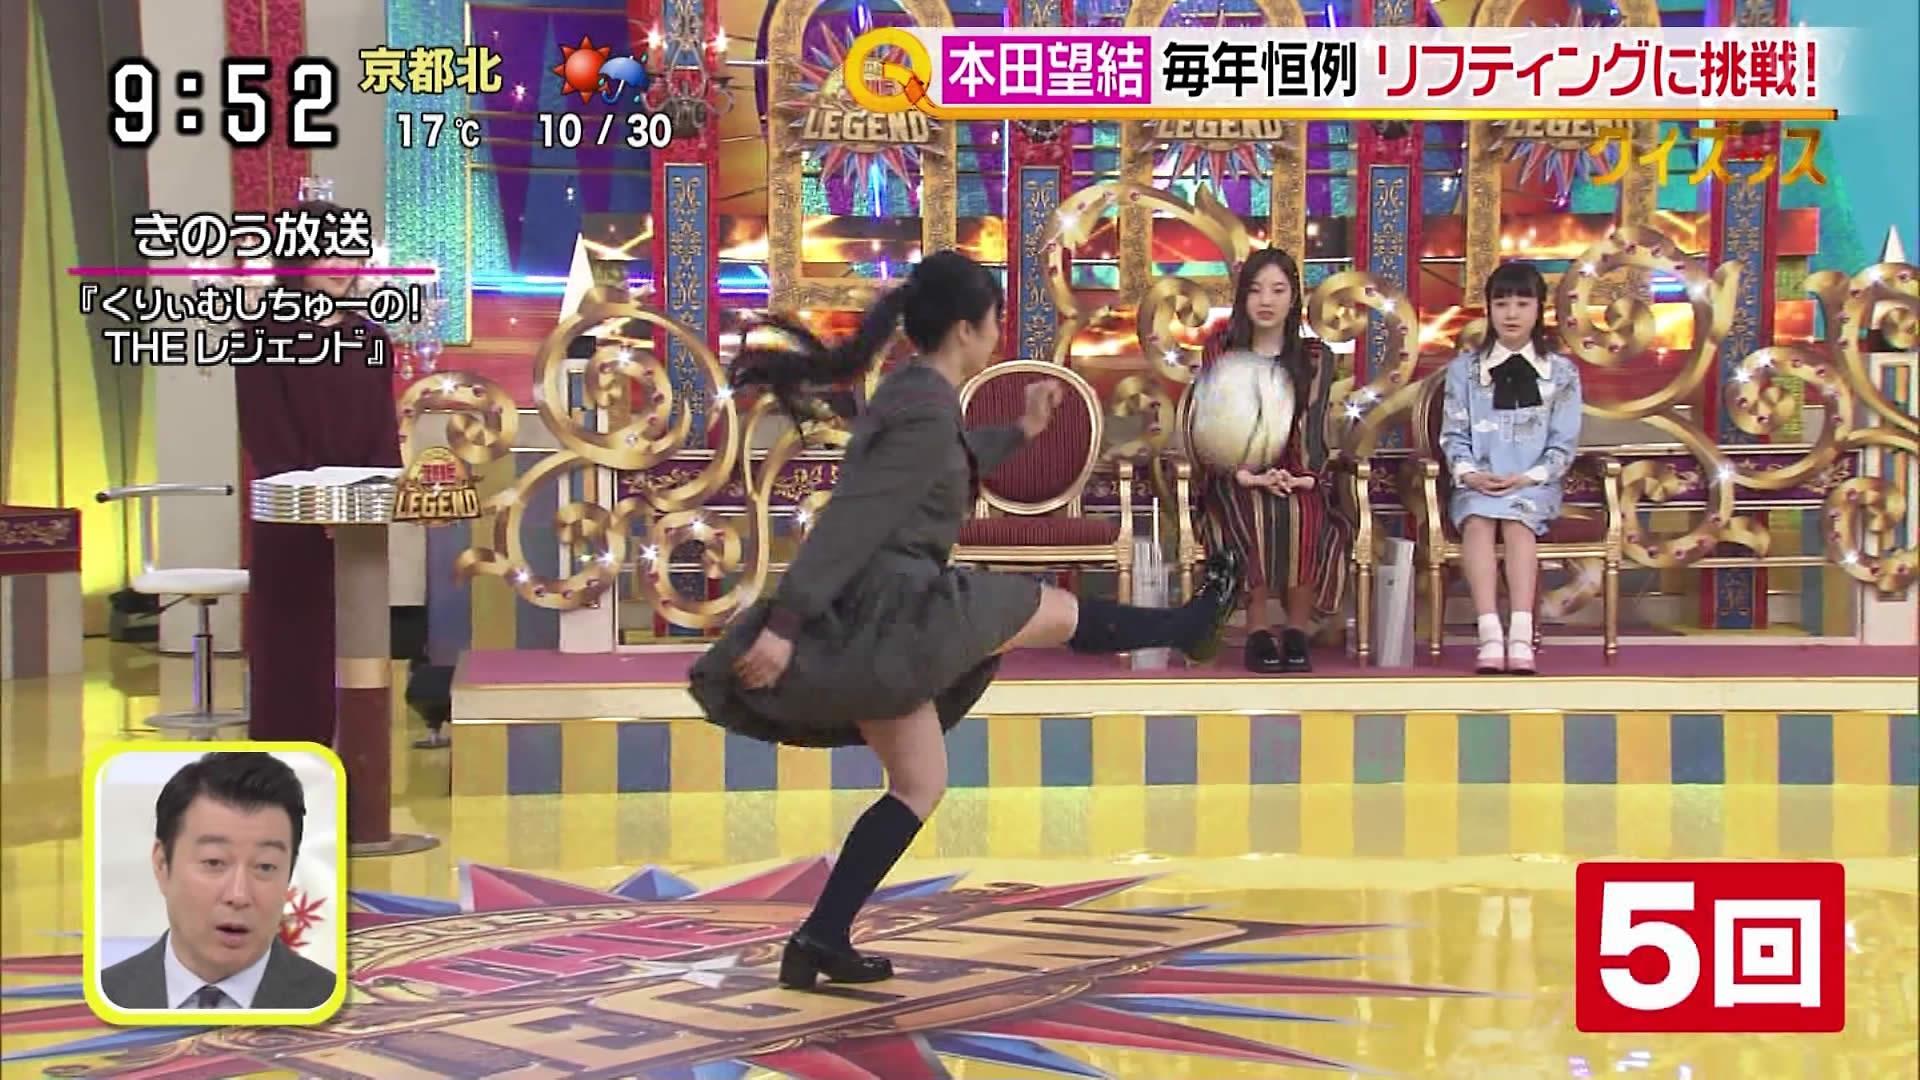 広瀬すず/本田望結/広瀬アリス